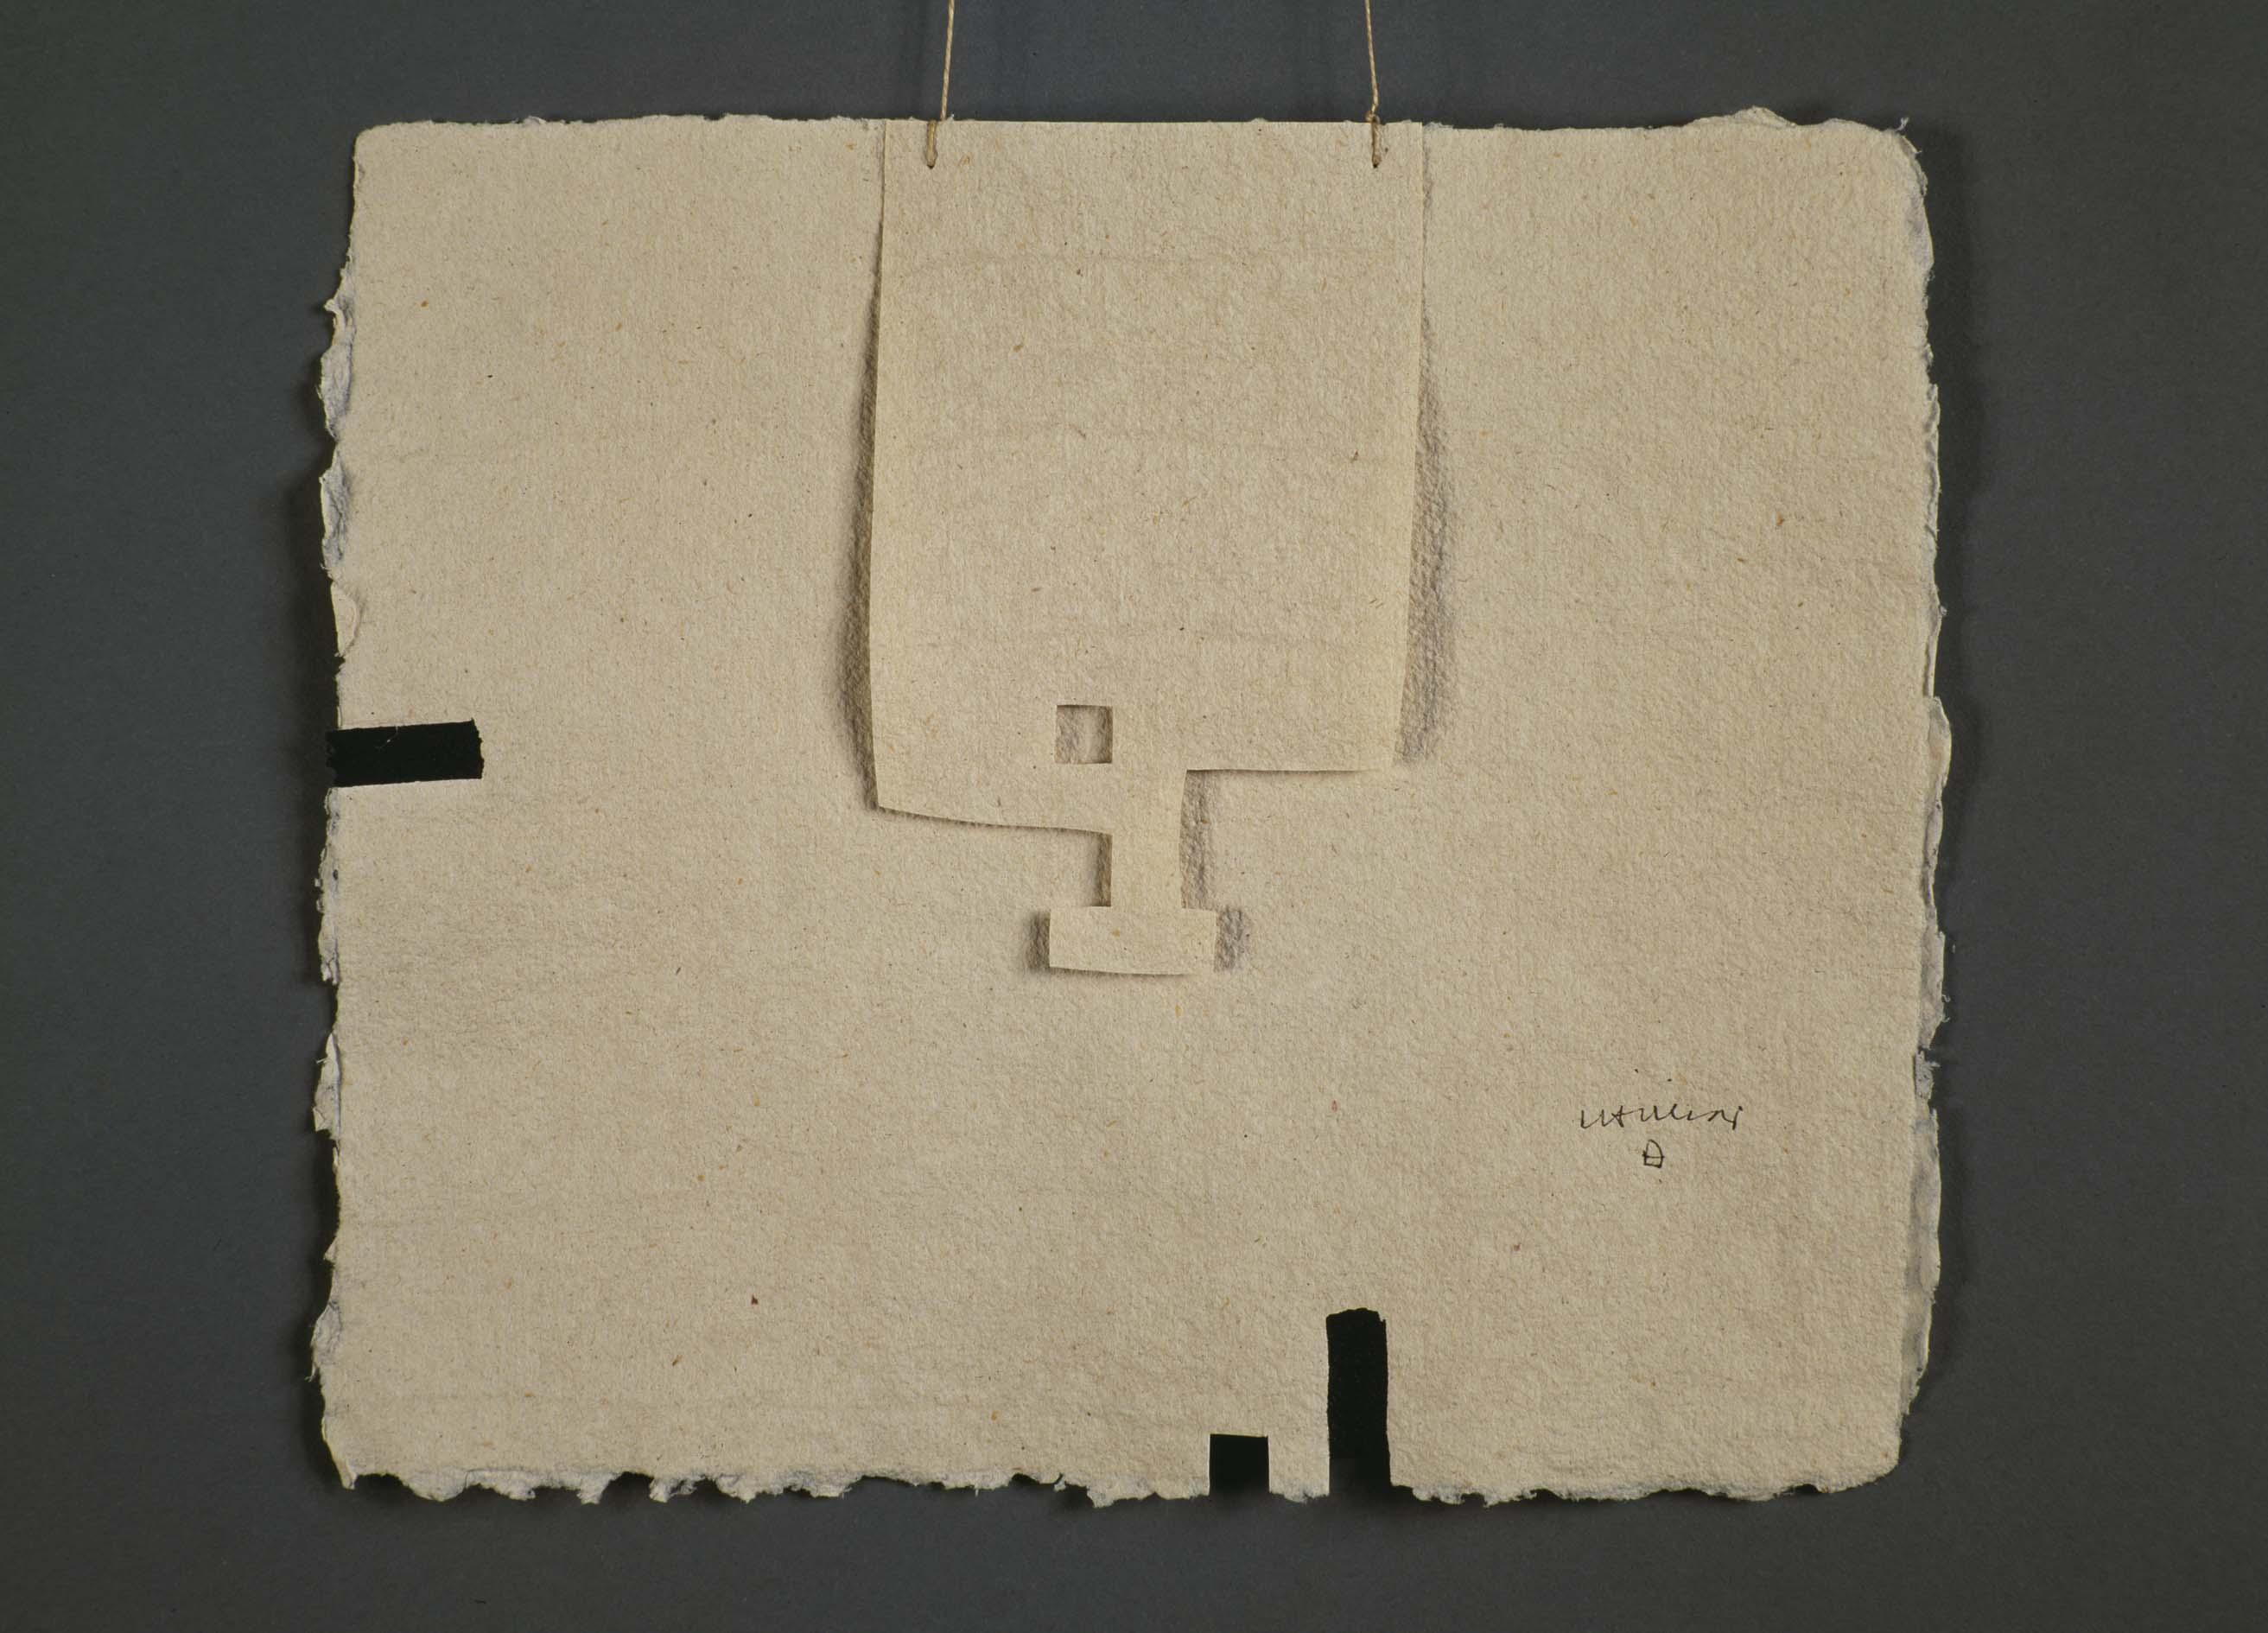 Eduardo Chillida Gravitación I. Museo Reina Sofía. 1987-88